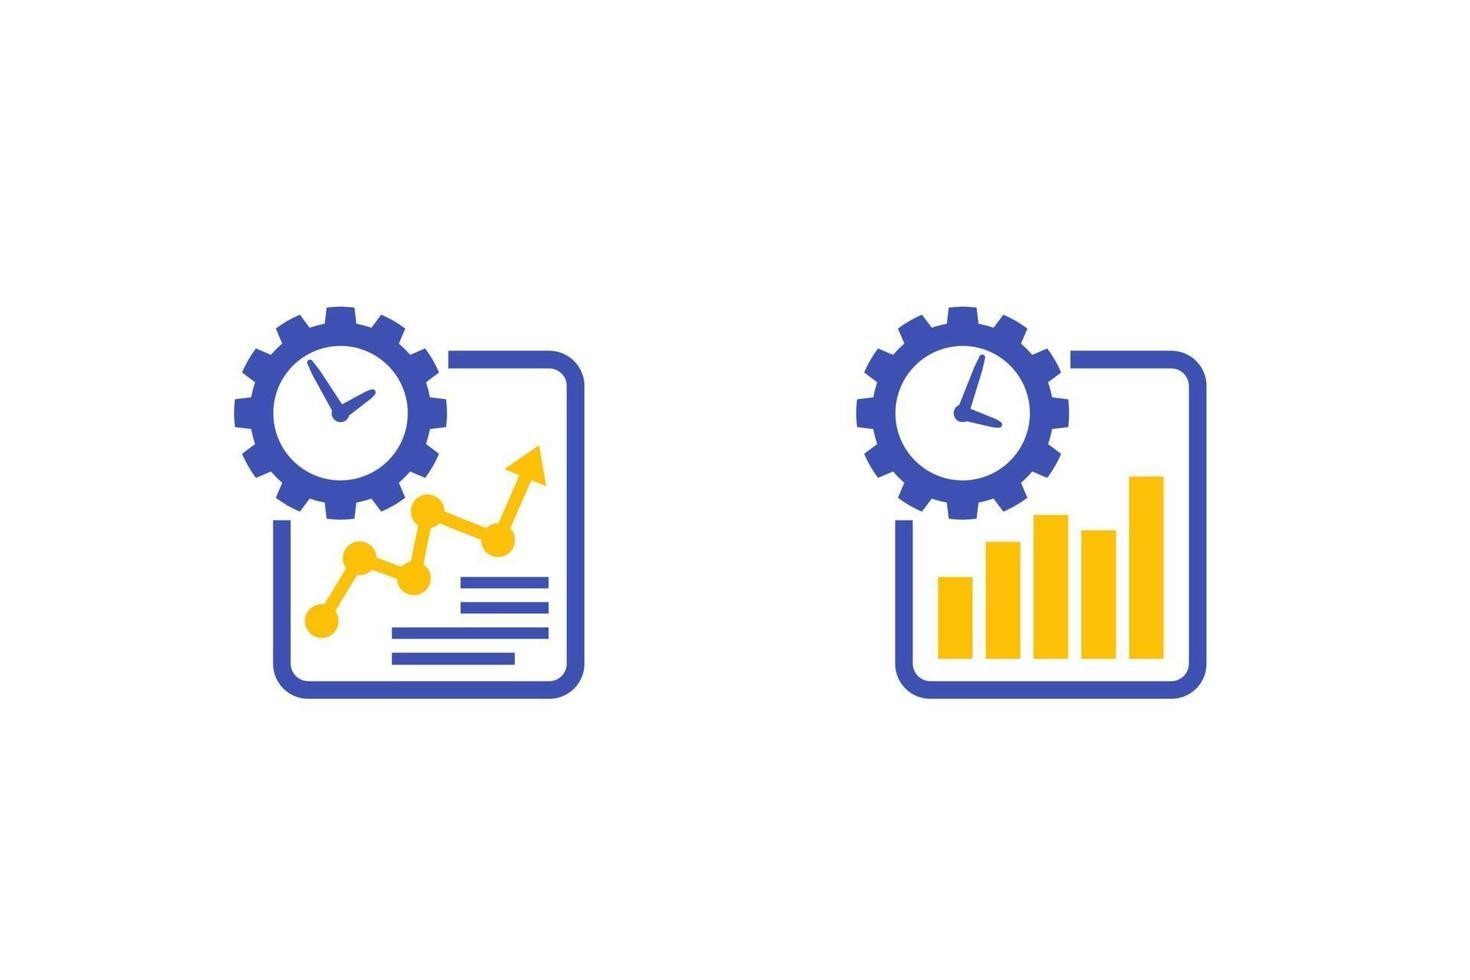 Symbole für das Wachstum der Arbeitsproduktivität auf white.eps vektor